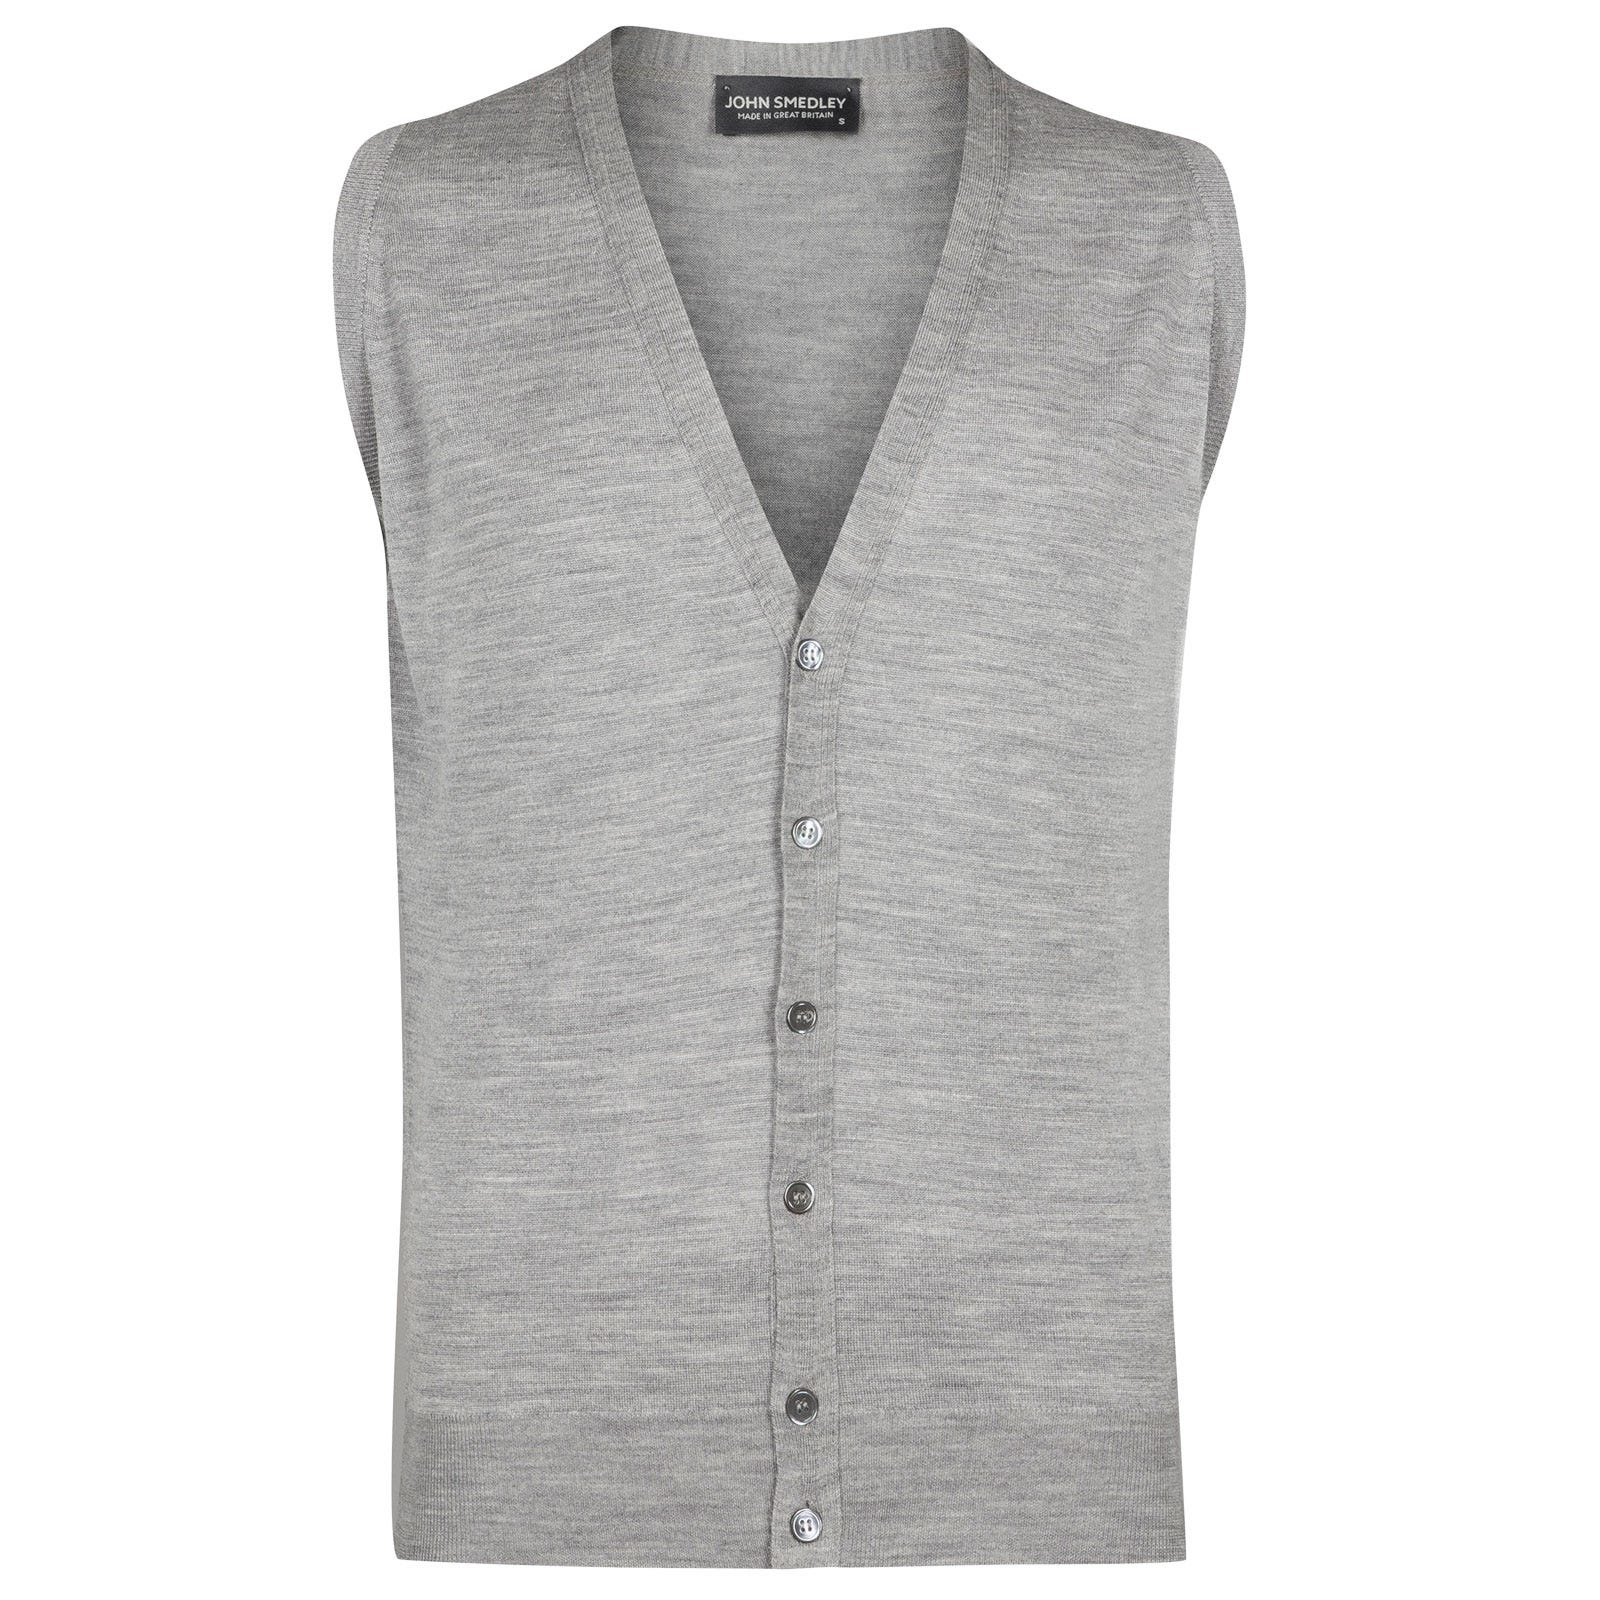 John Smedley huntswood Merino Wool Waistcoat in Silver-L